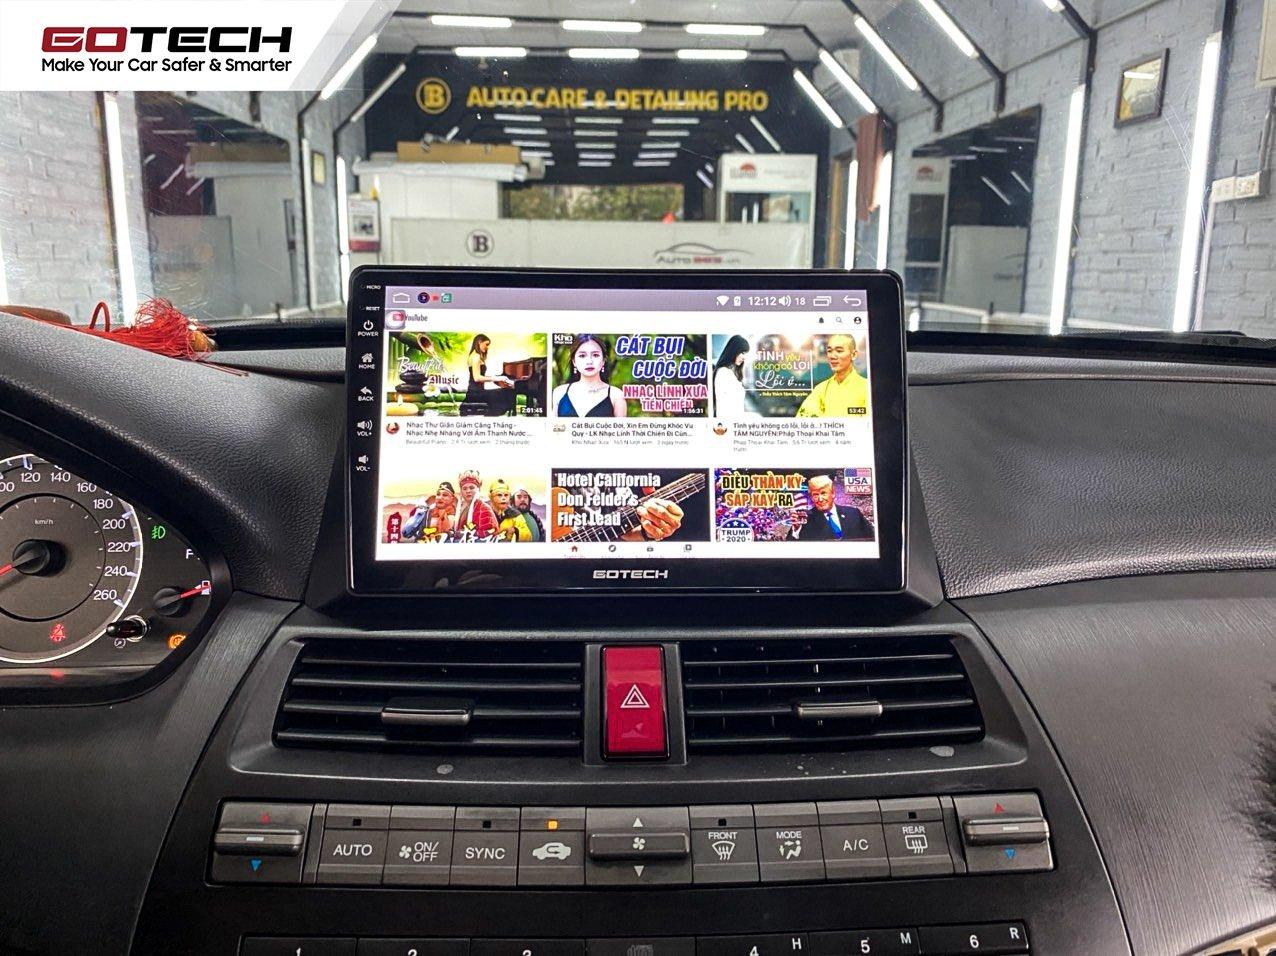 Màn hình ô tô thông minh hỗ trợ giải trí hiệu quả khi tắc đường.